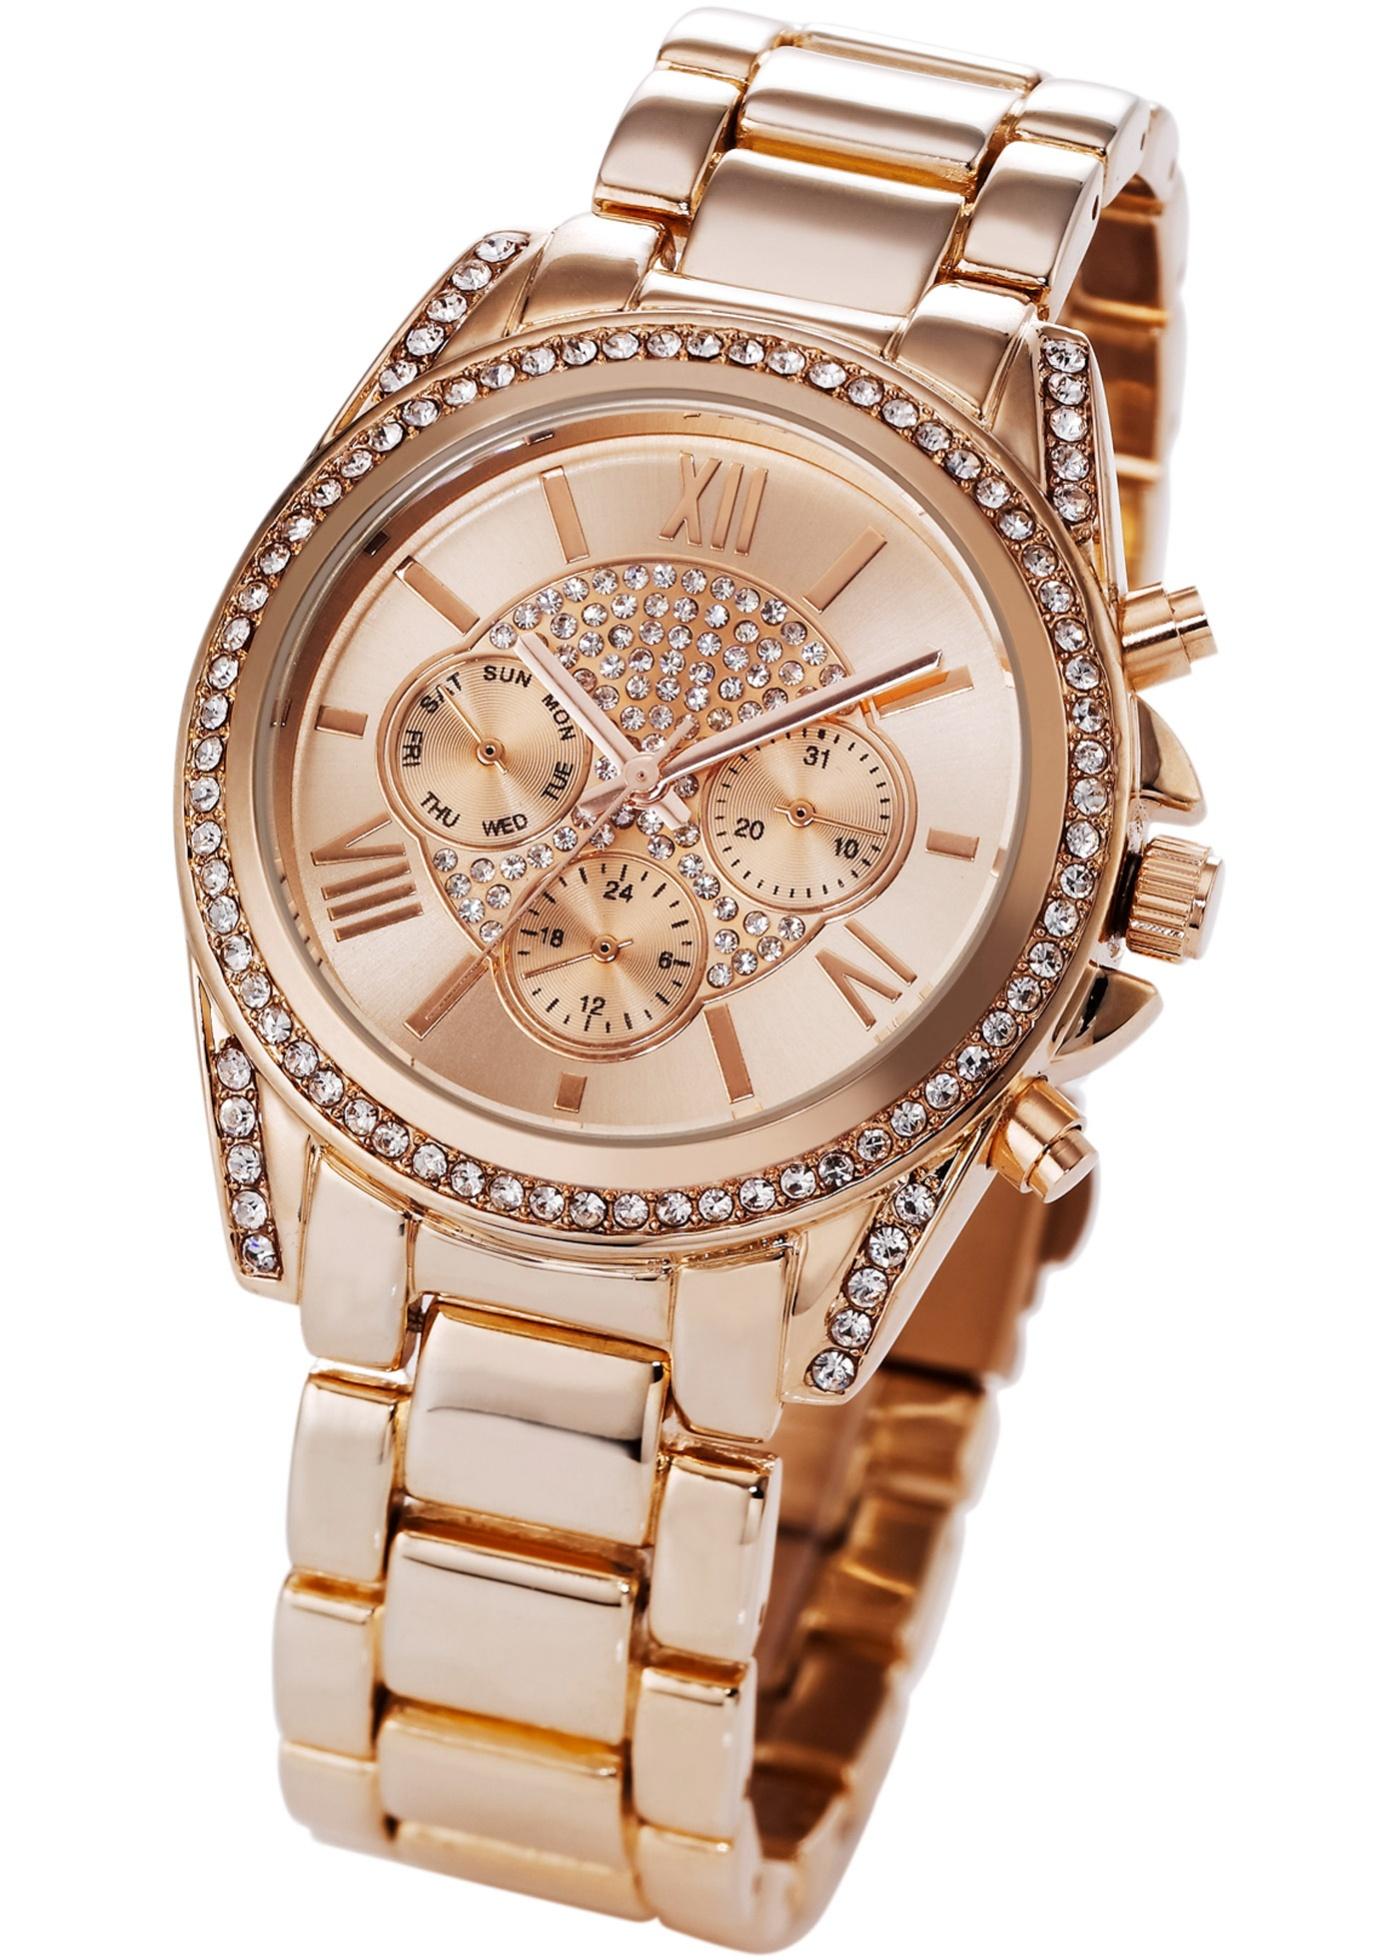 """Cette montre avec bracelet en métal de BODYFLIRT rehausse n""""importe quel look ! Les strass autour du boîtier et sur le cadran apportent une note glamour. Parfaite pour le bureau ou pour une soirée. Prix comprenant éco-participation (F) = 0,01 € ou re"""